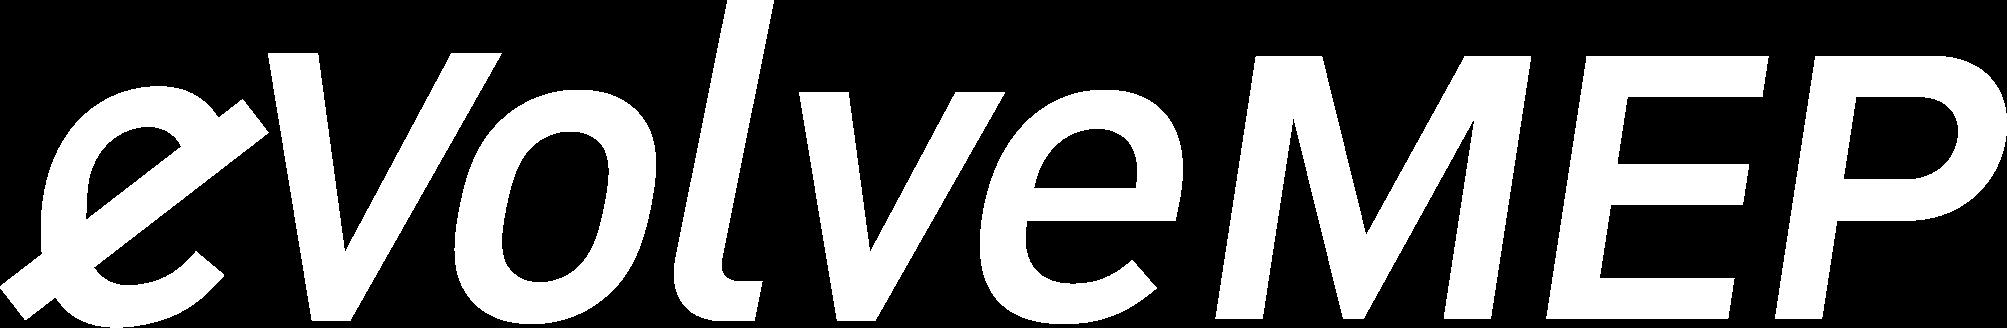 evolvemep white (1)